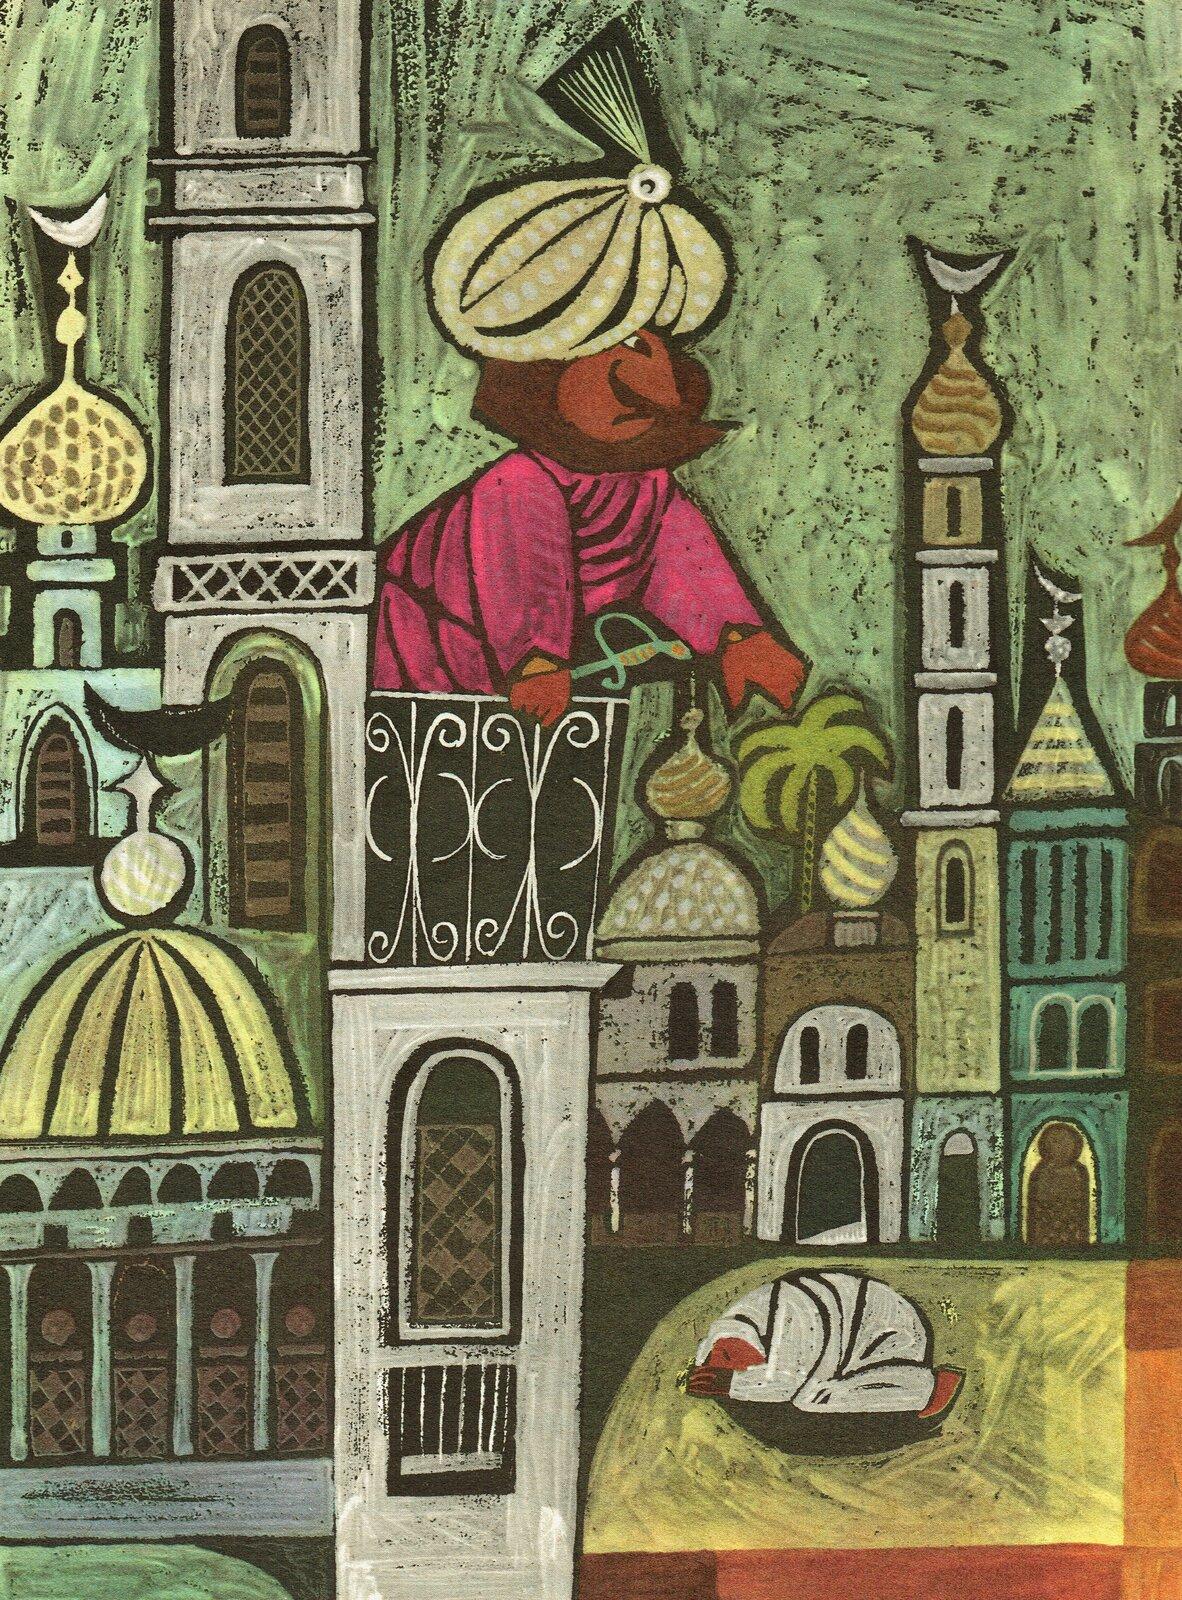 """Ilustracja przedstawia pracę Zbigniewa Rychlickiego zksiążki Ludwika Jerzego Kerna """"Proszę słonia"""". Ukazuje muzułmańskie miasto zpółksiężycami na wieżach budowli zkopułami. Zza budynków wyłania się duży człowiek zturbanem na głowie."""